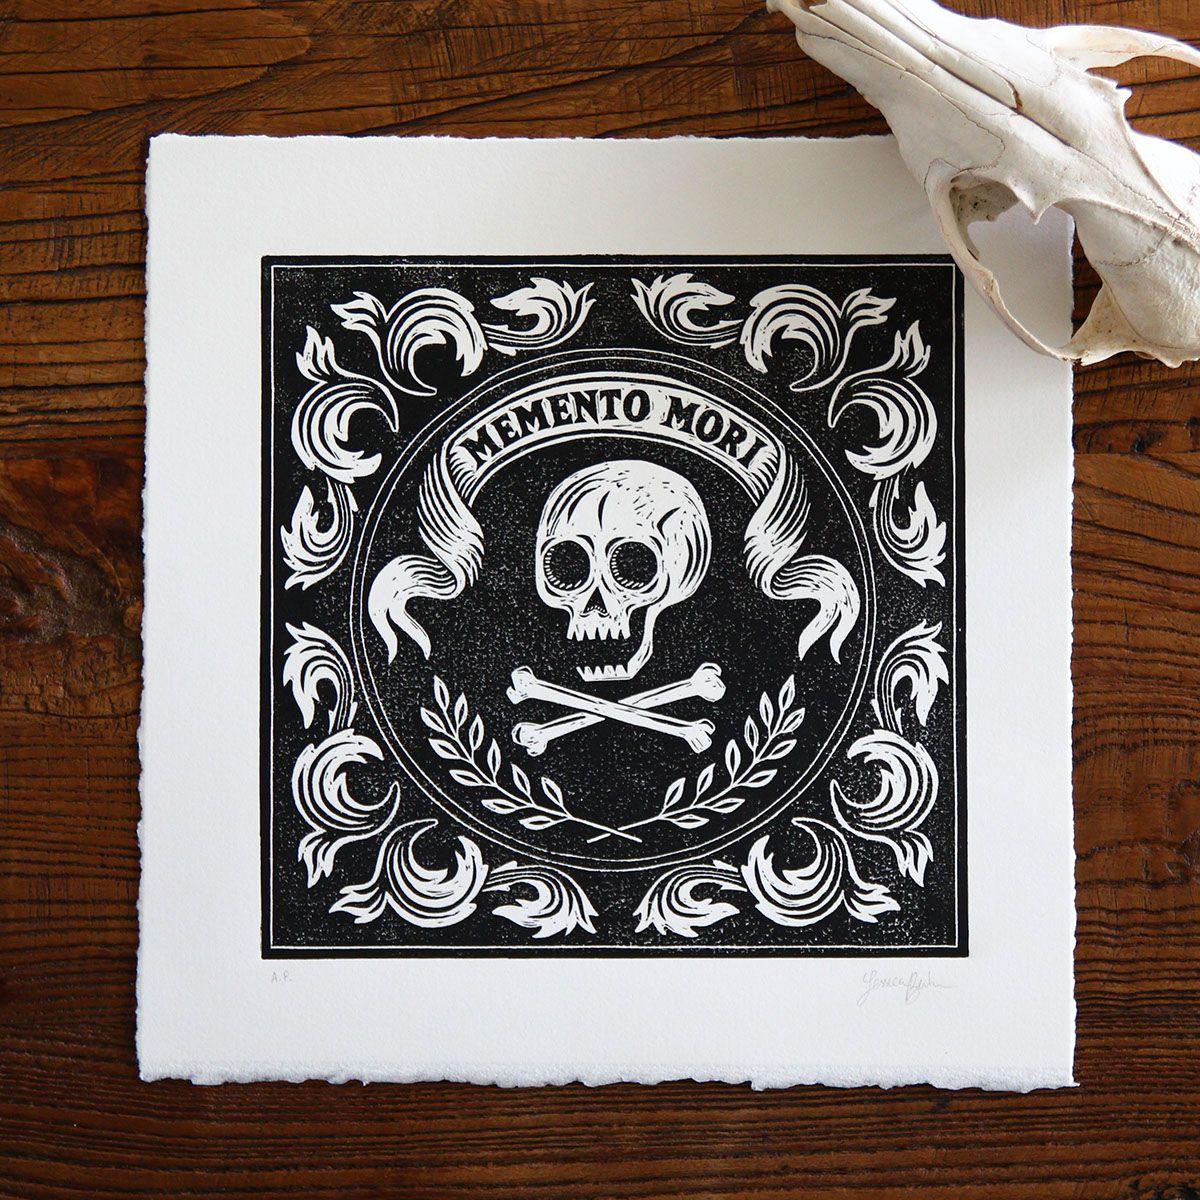 Memento Mori Linoprint Illustration Memento mori